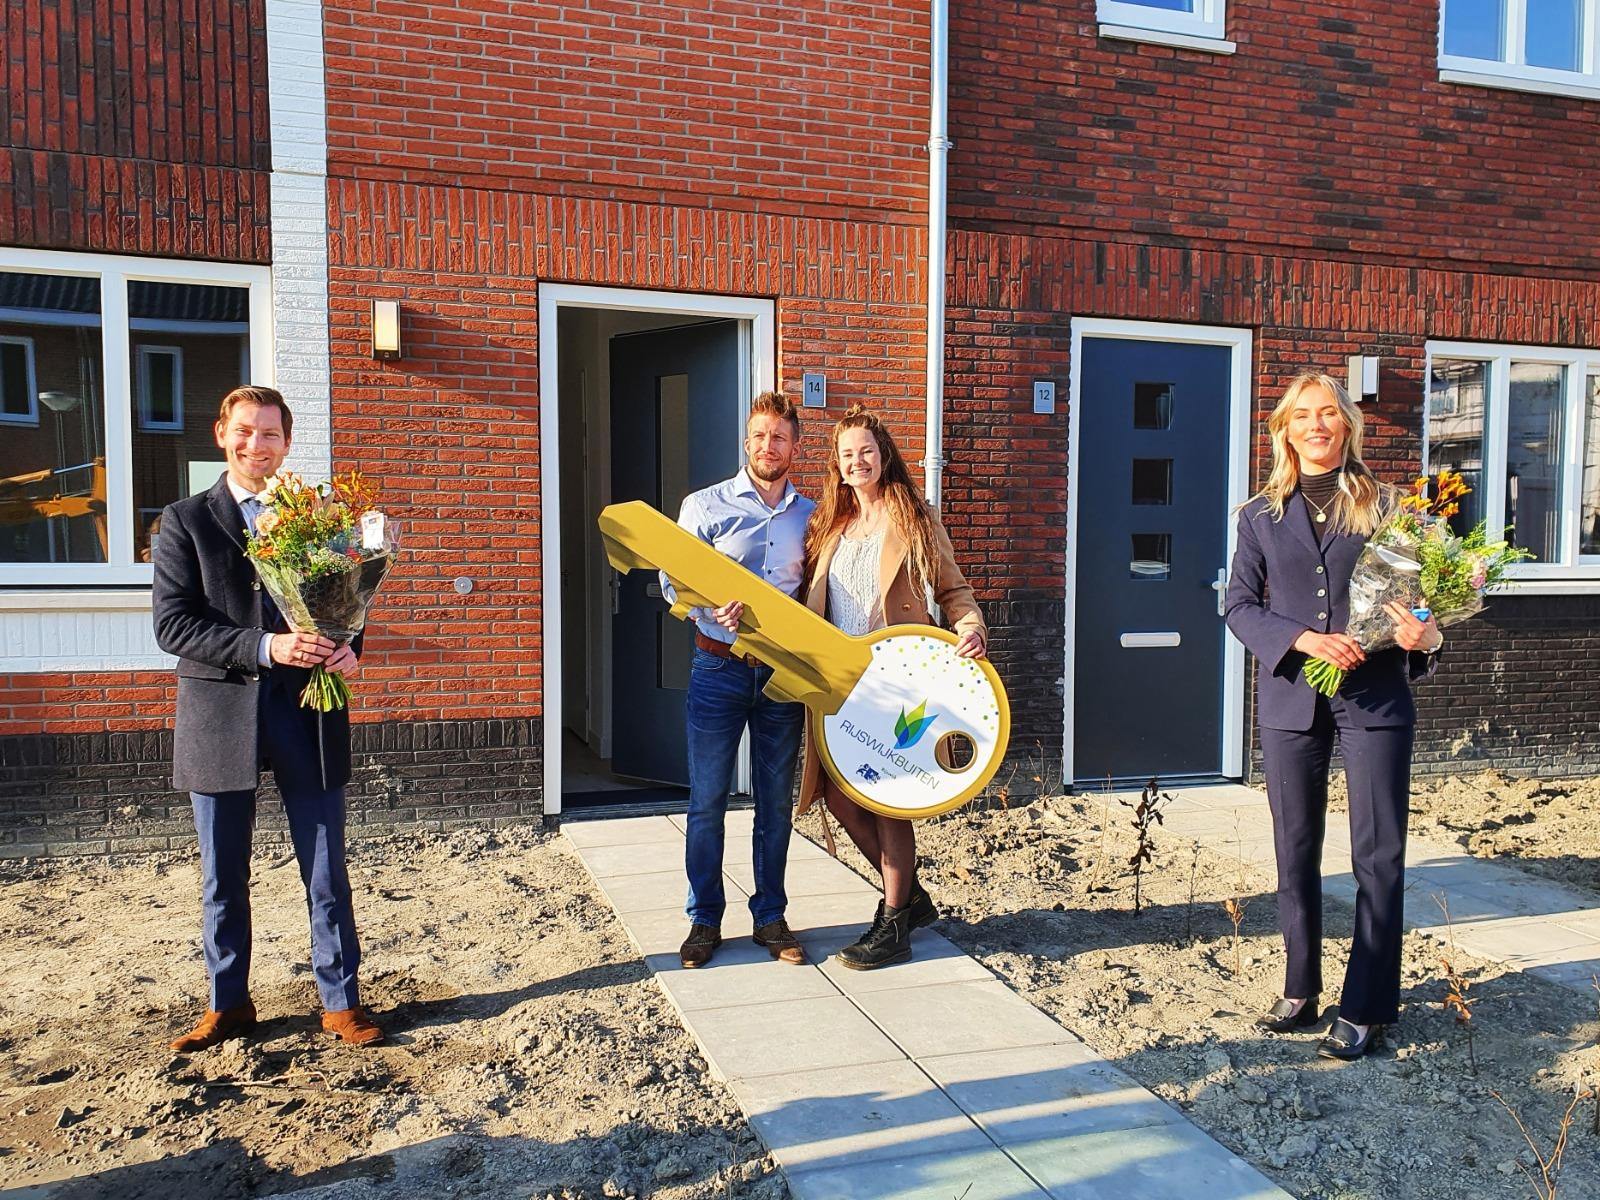 Energieneutrale en circulaire woningen 'MorgenWonen' in RijswijkBuiten opgeleverd